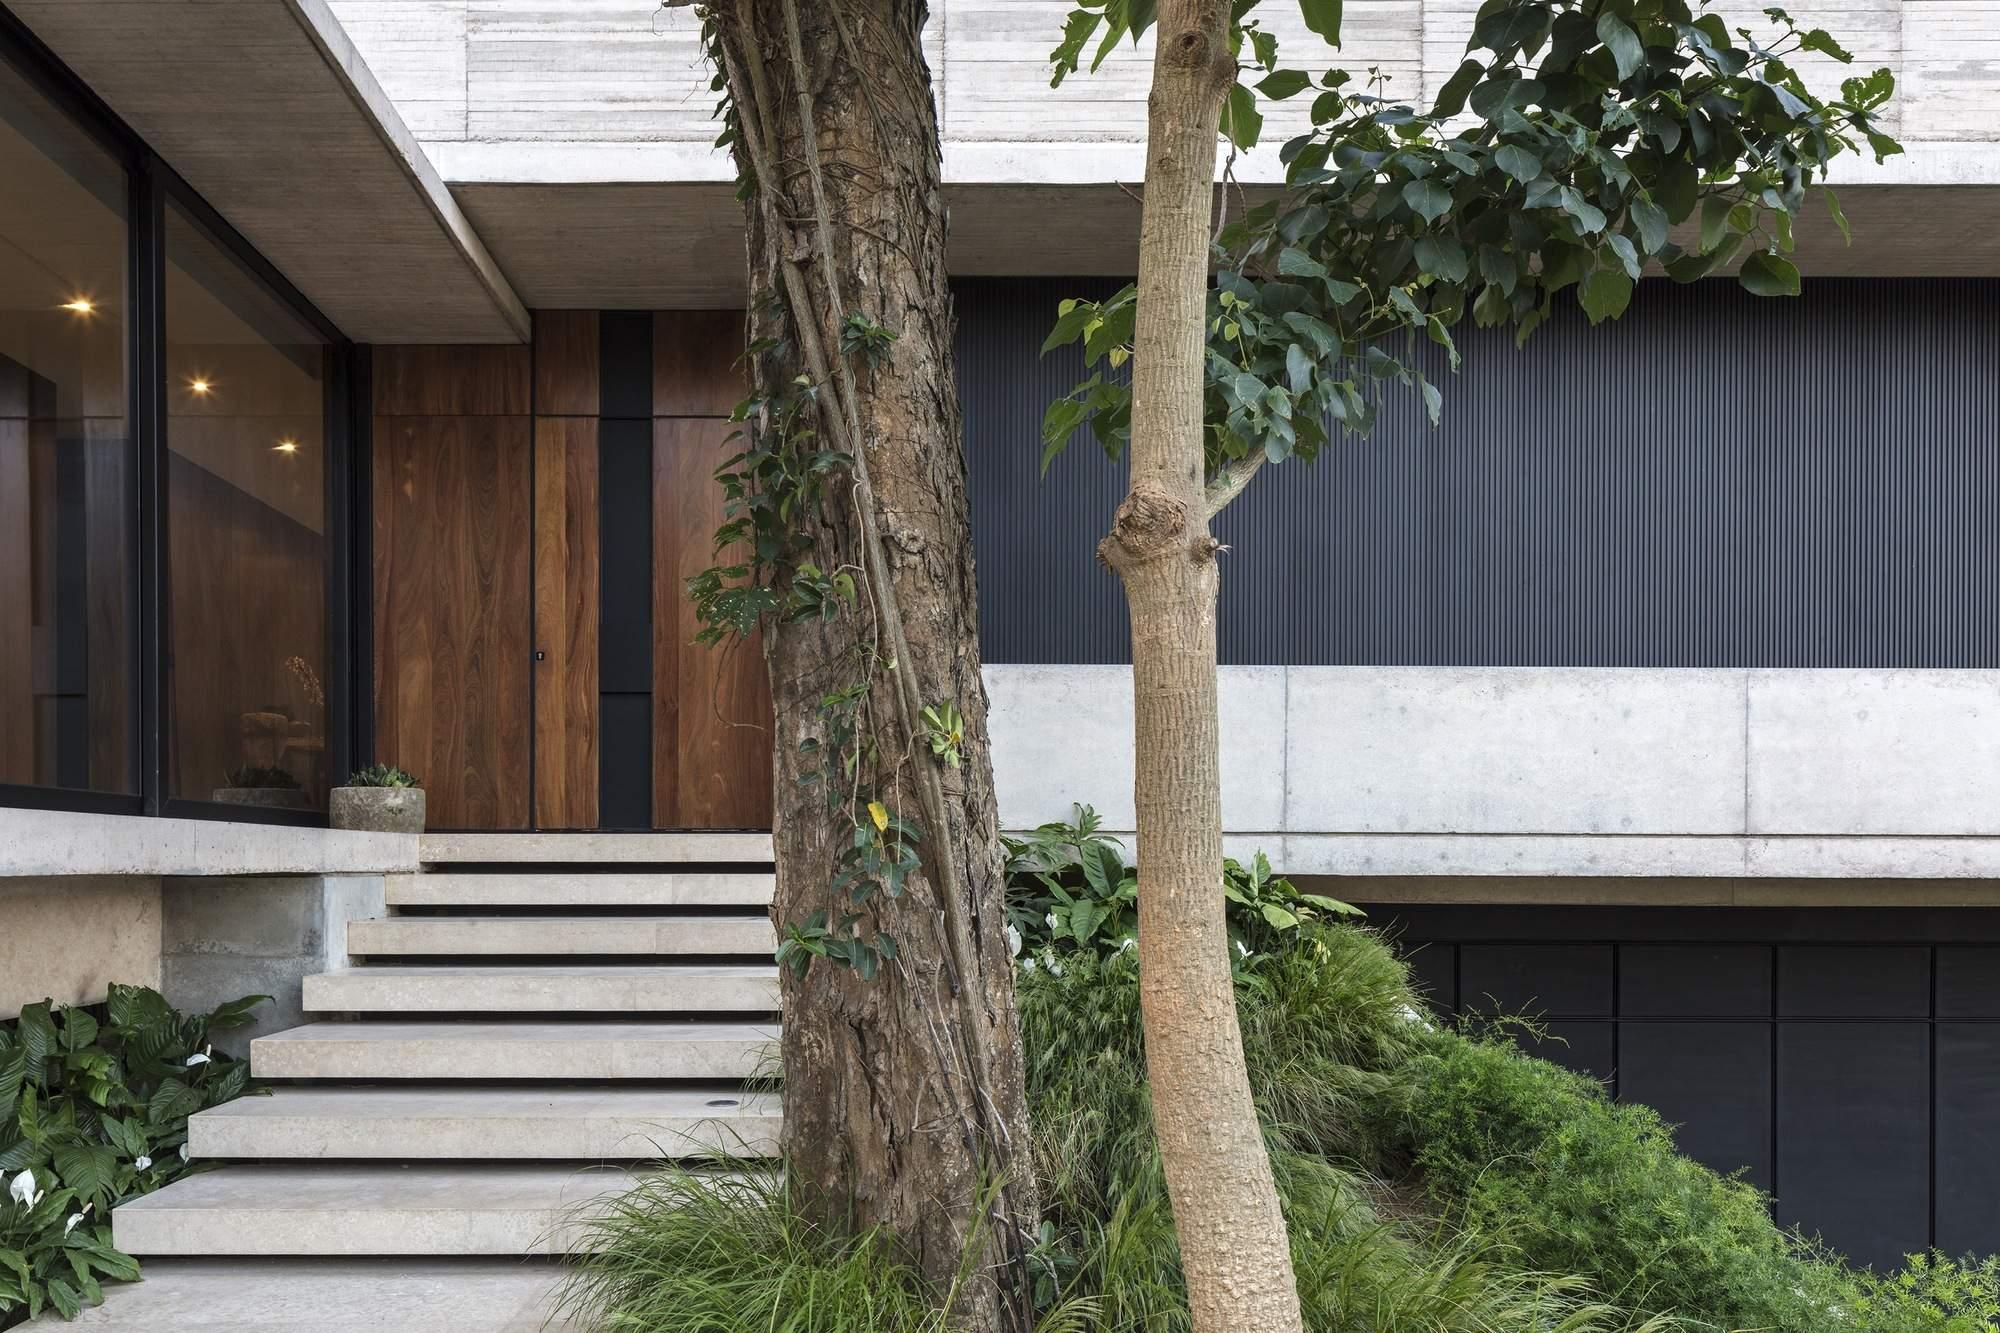 Стильный жилой дом среди деревьев, Боливия